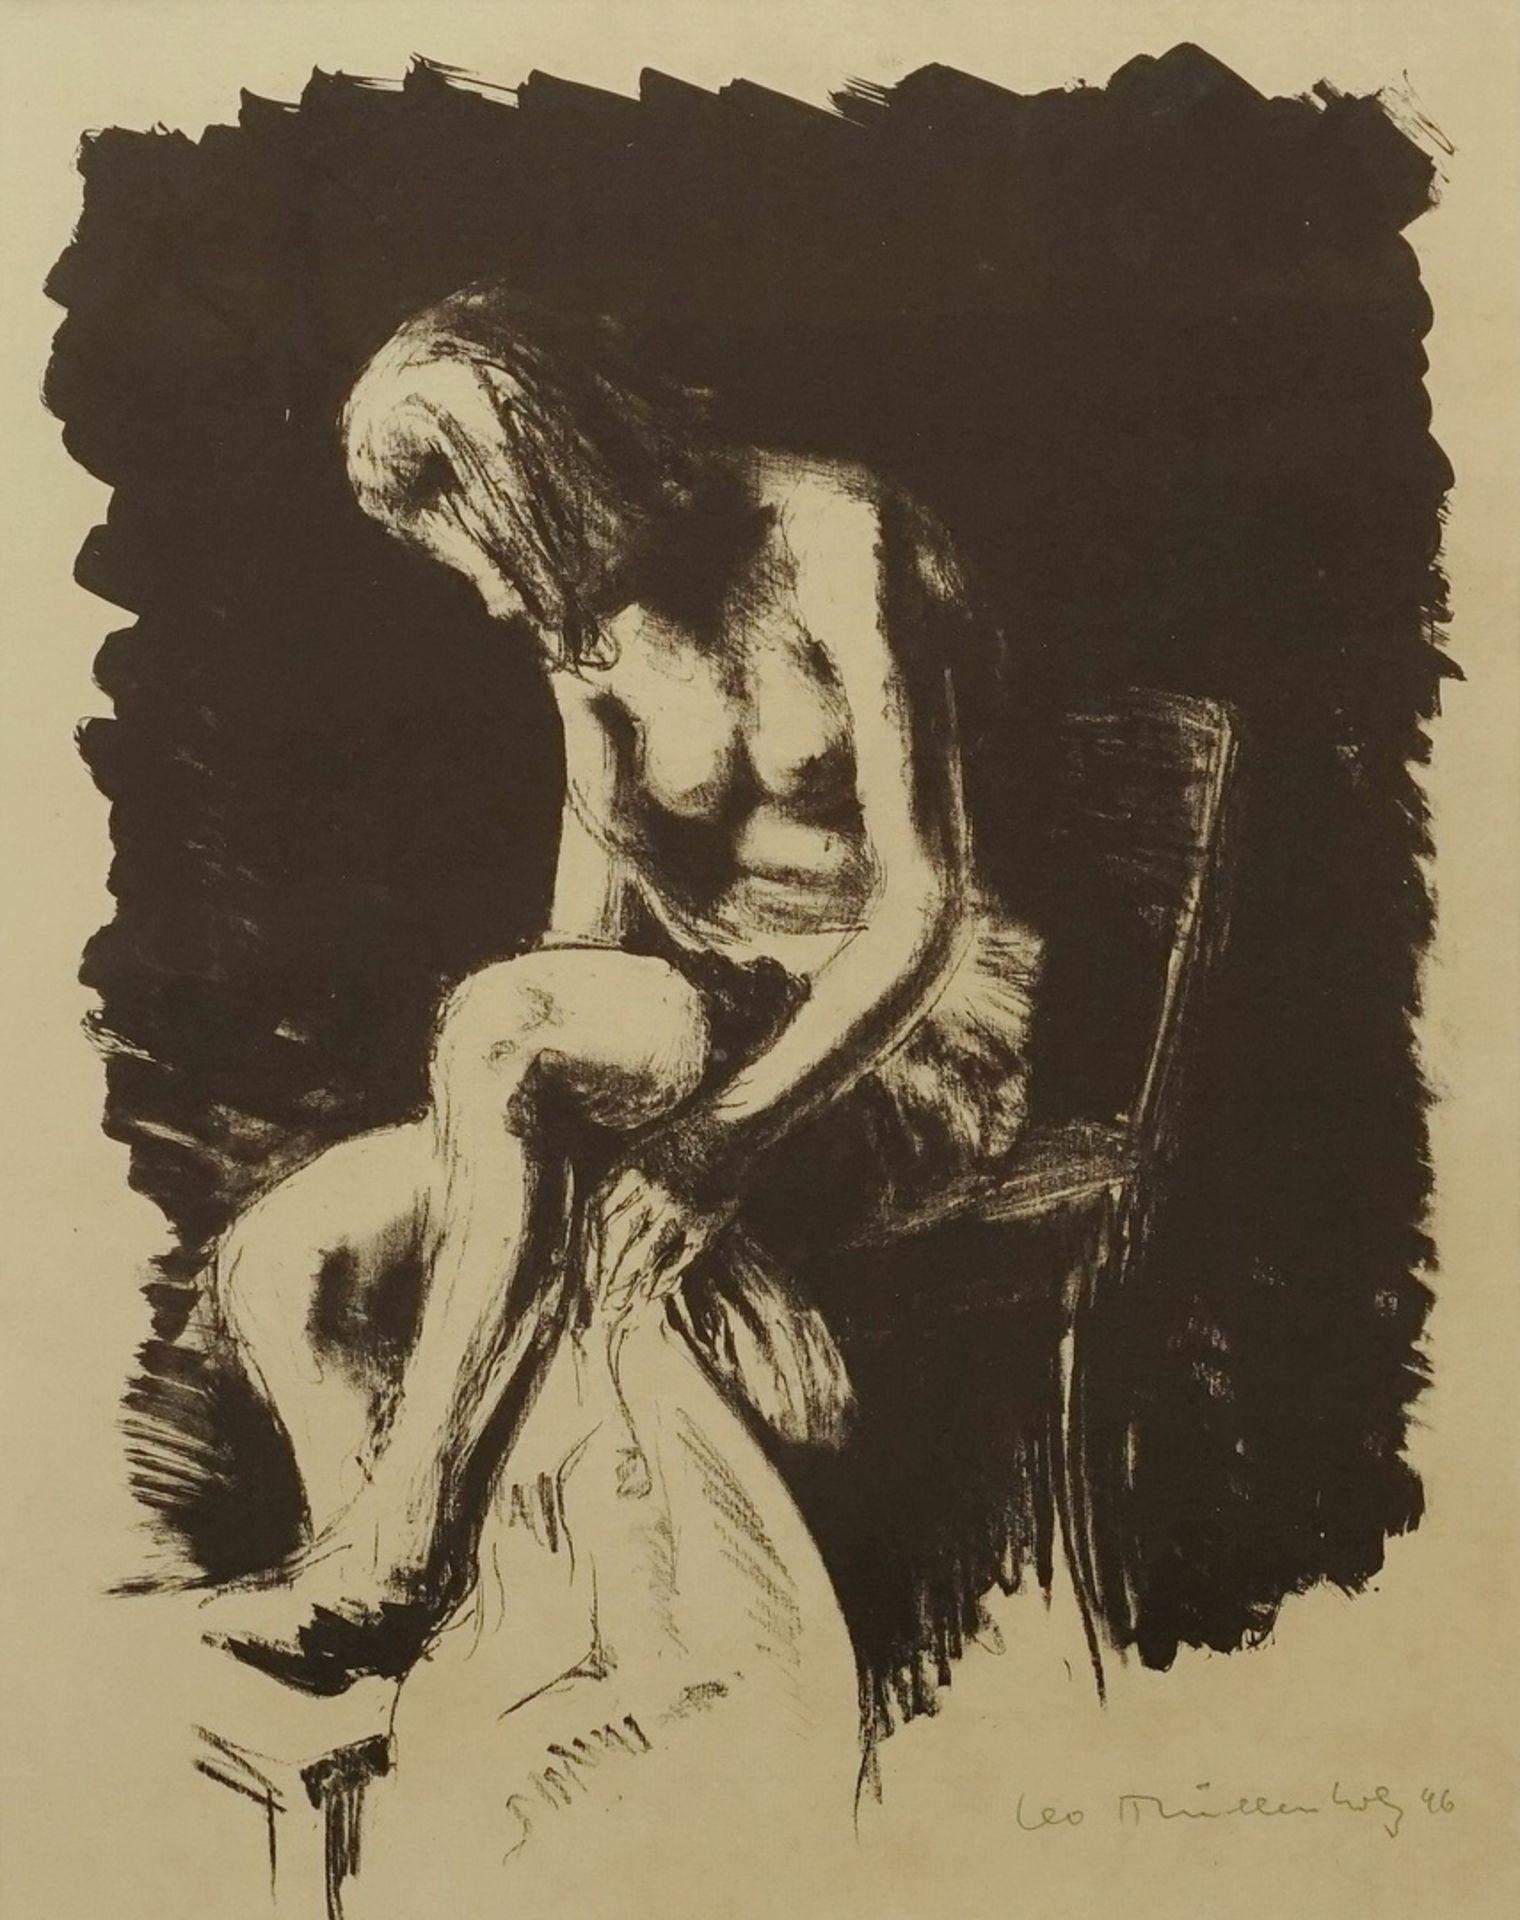 Leo Mühlenholz, Sitzender weiblicher Akt, sich die Beine trocknend